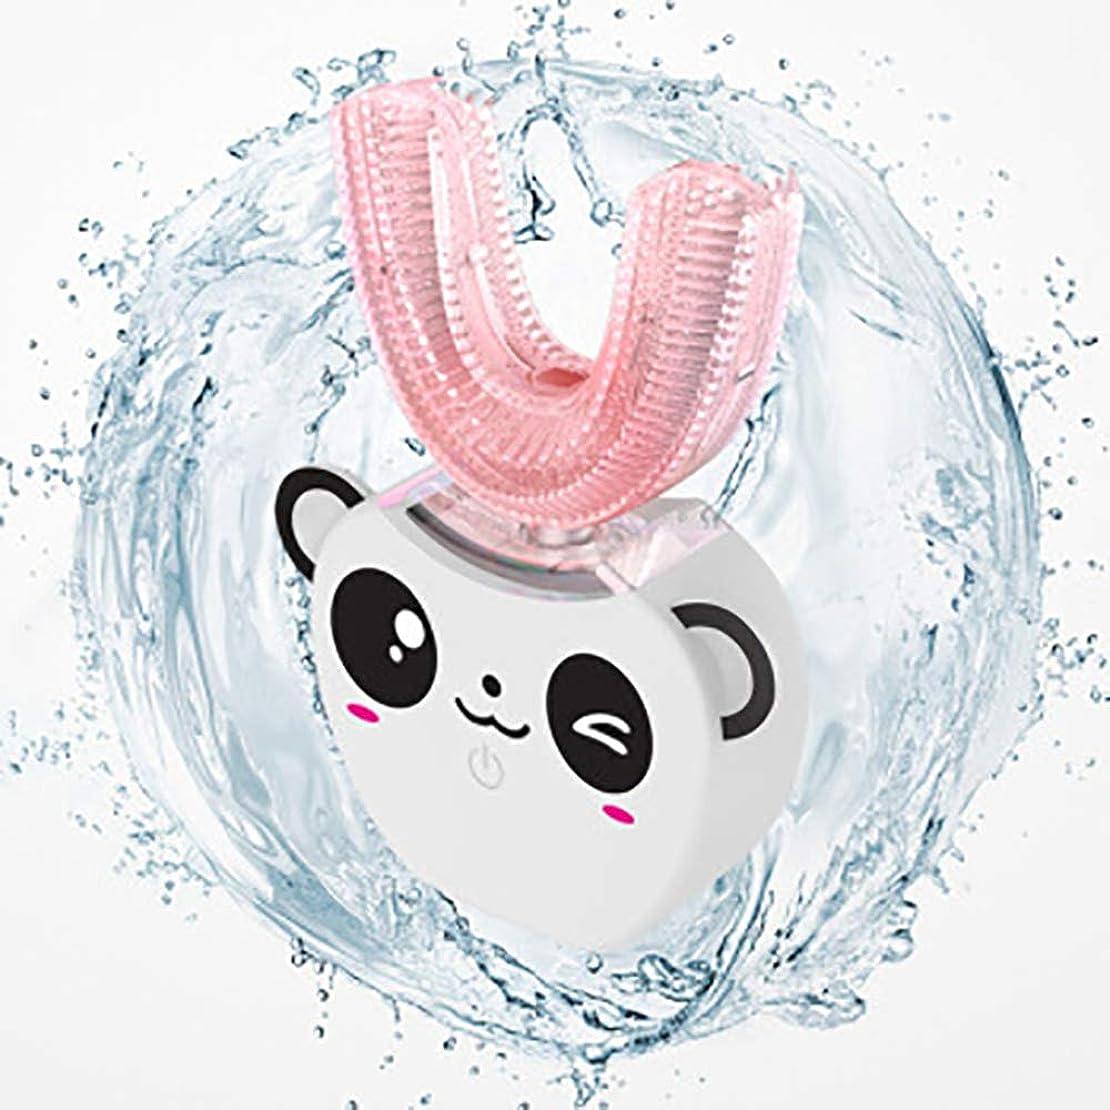 スパン無限大ページ360度自動インテリジェントパッケージレイジー歯ブラシ電気急速洗浄ソニックホワイトニング充電式歯ブラシ,White,B